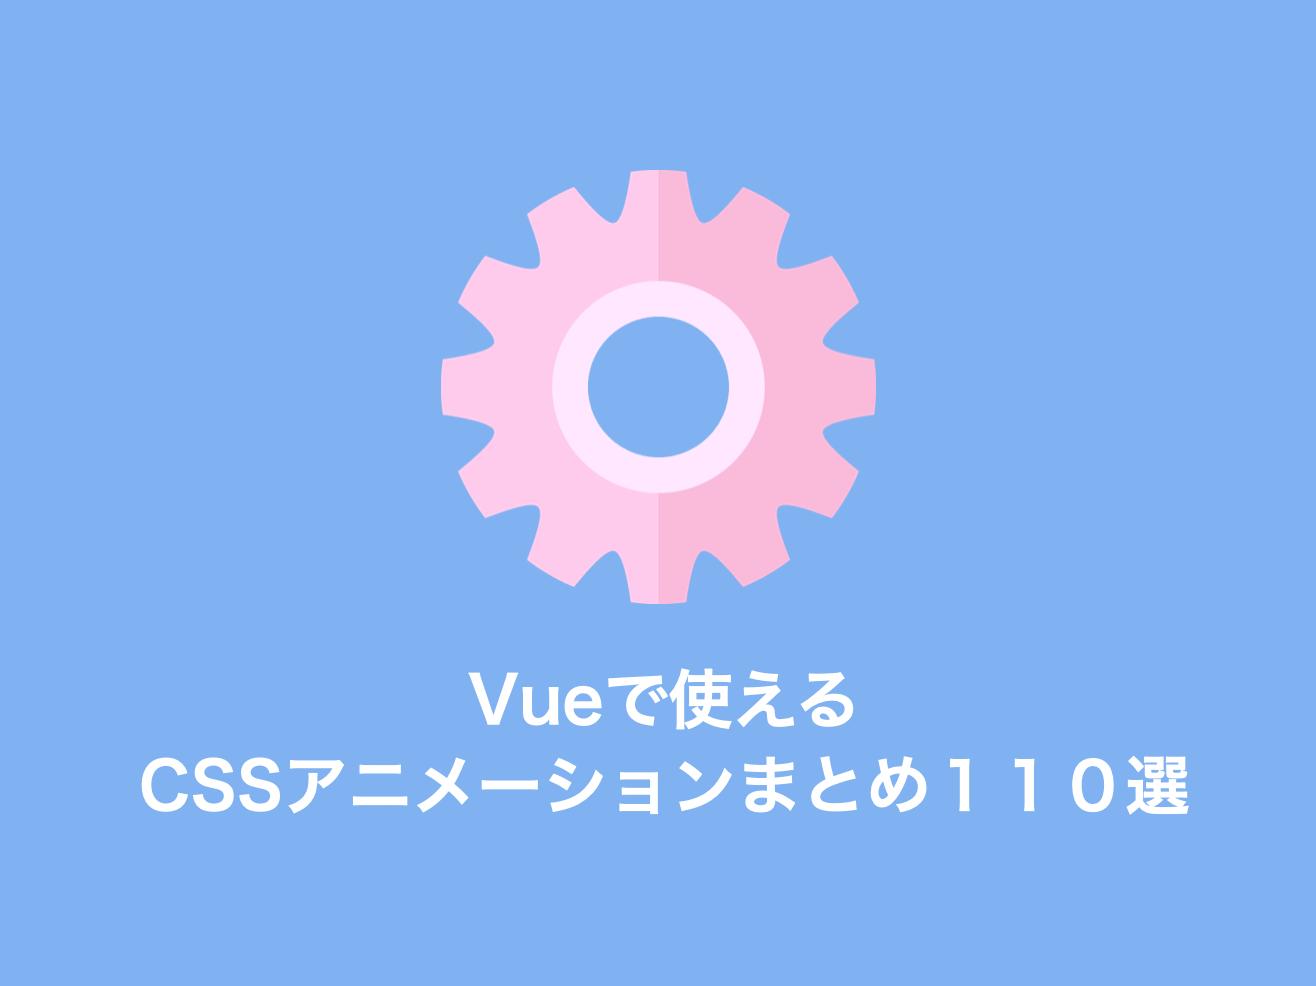 スクリーンショット 2020-07-25 15.40.27.png